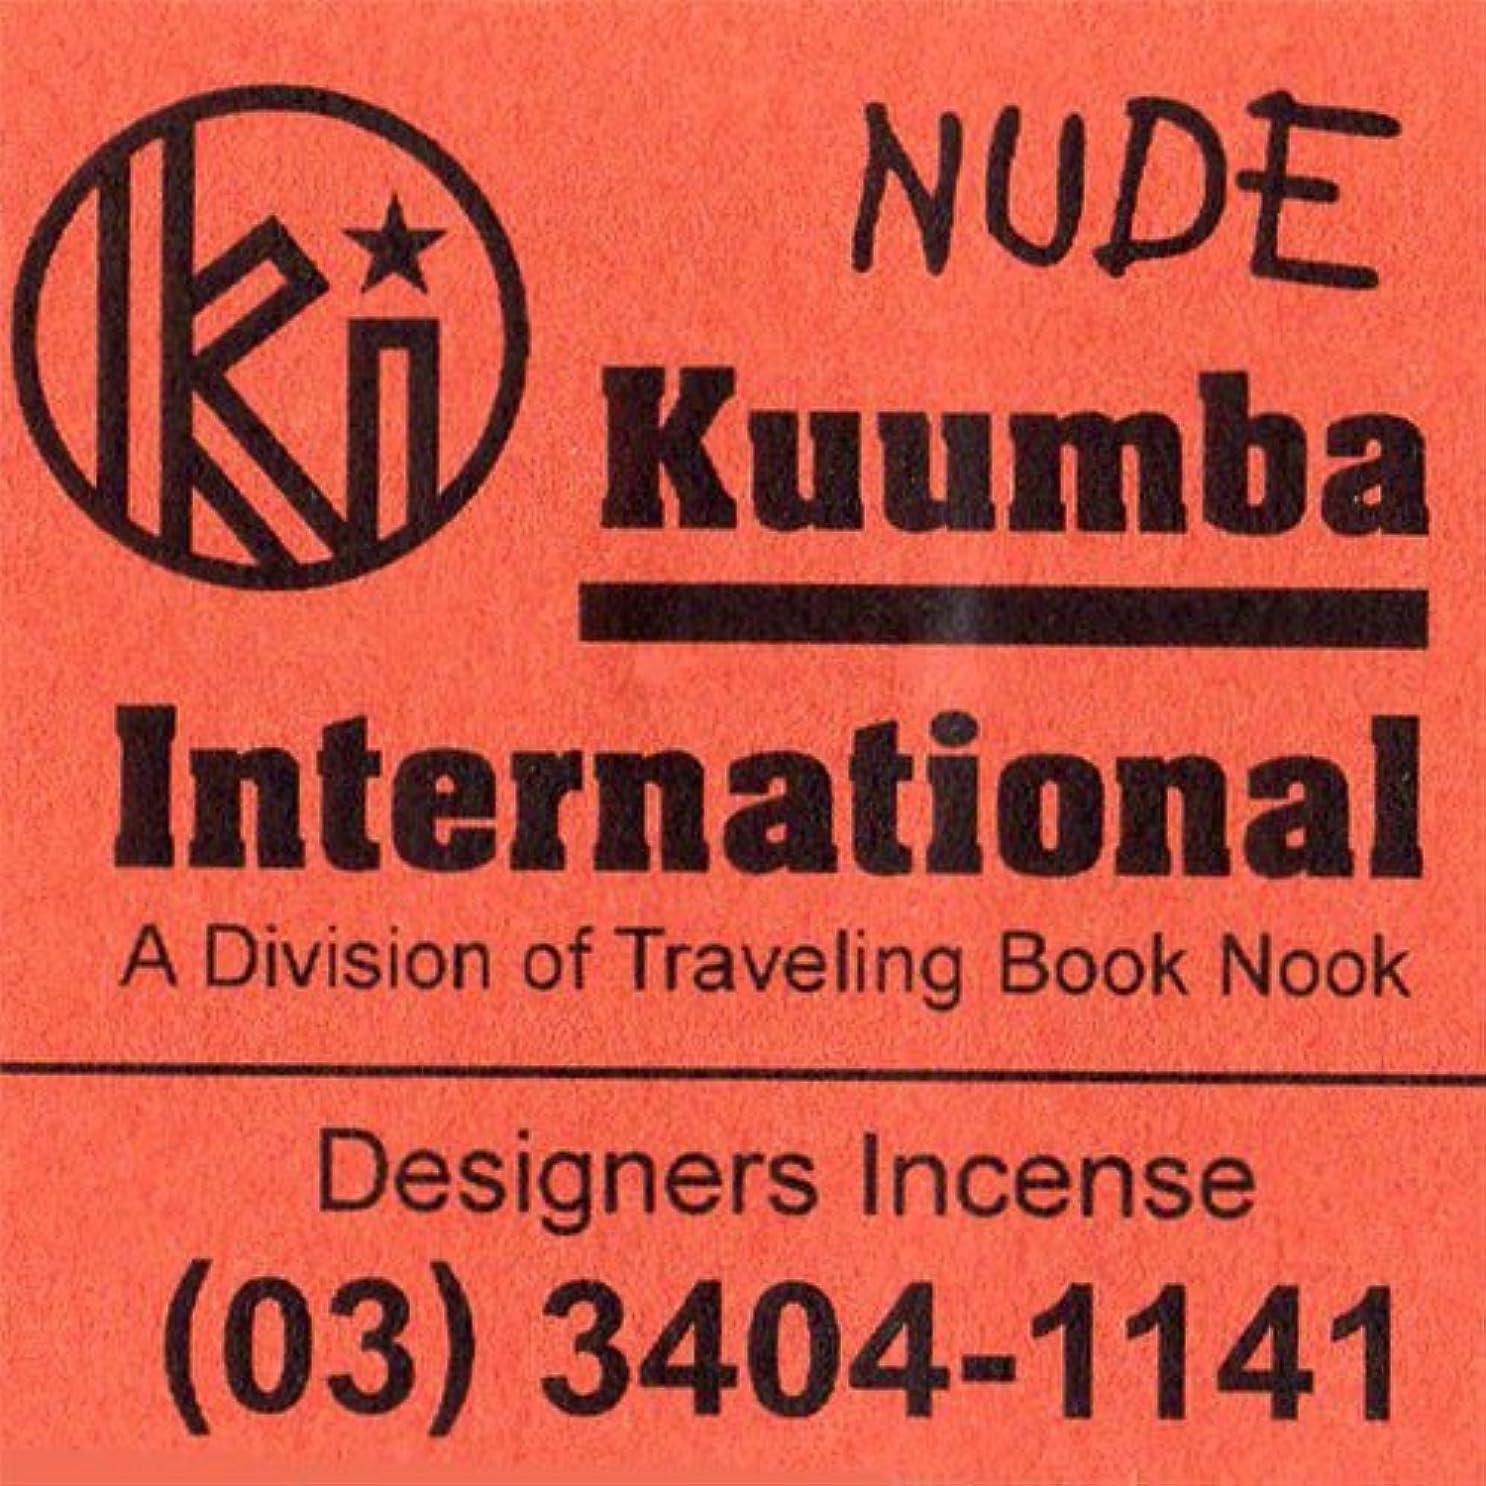 四分円混合したれるKUUMBA / クンバ『incense』(NUDE) (Regular size)